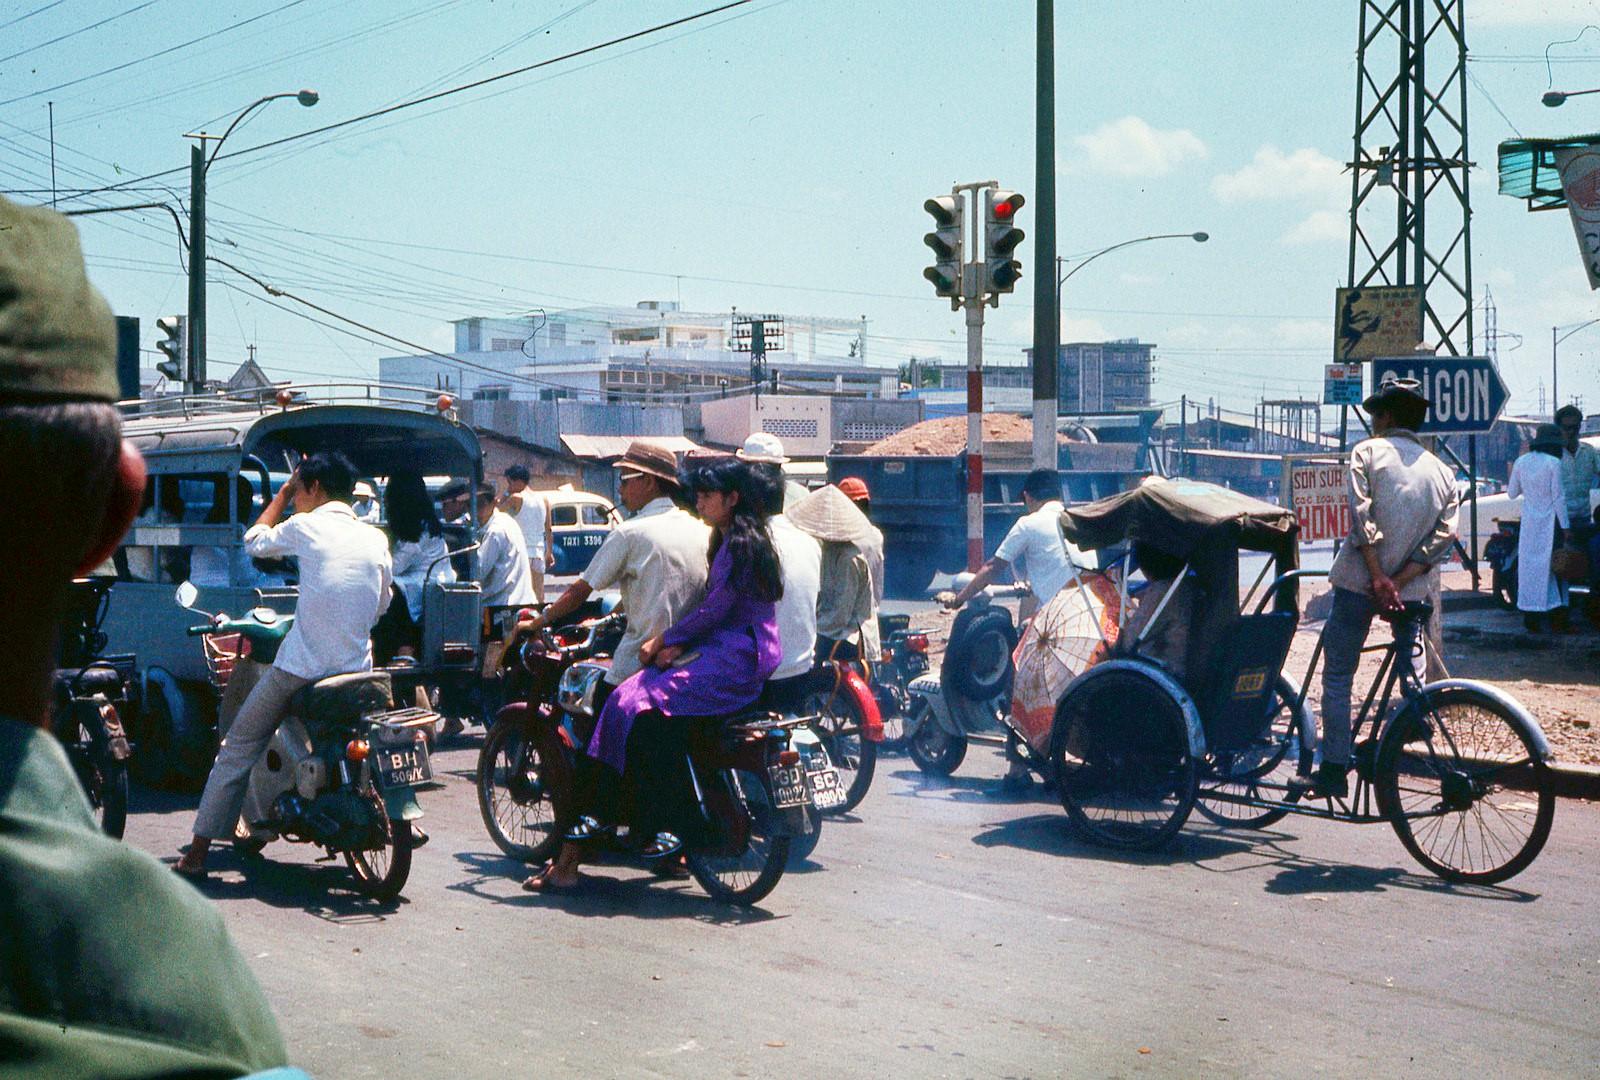 Sài Gòn năm 1971-1972 trong ảnh của Terry Nelson